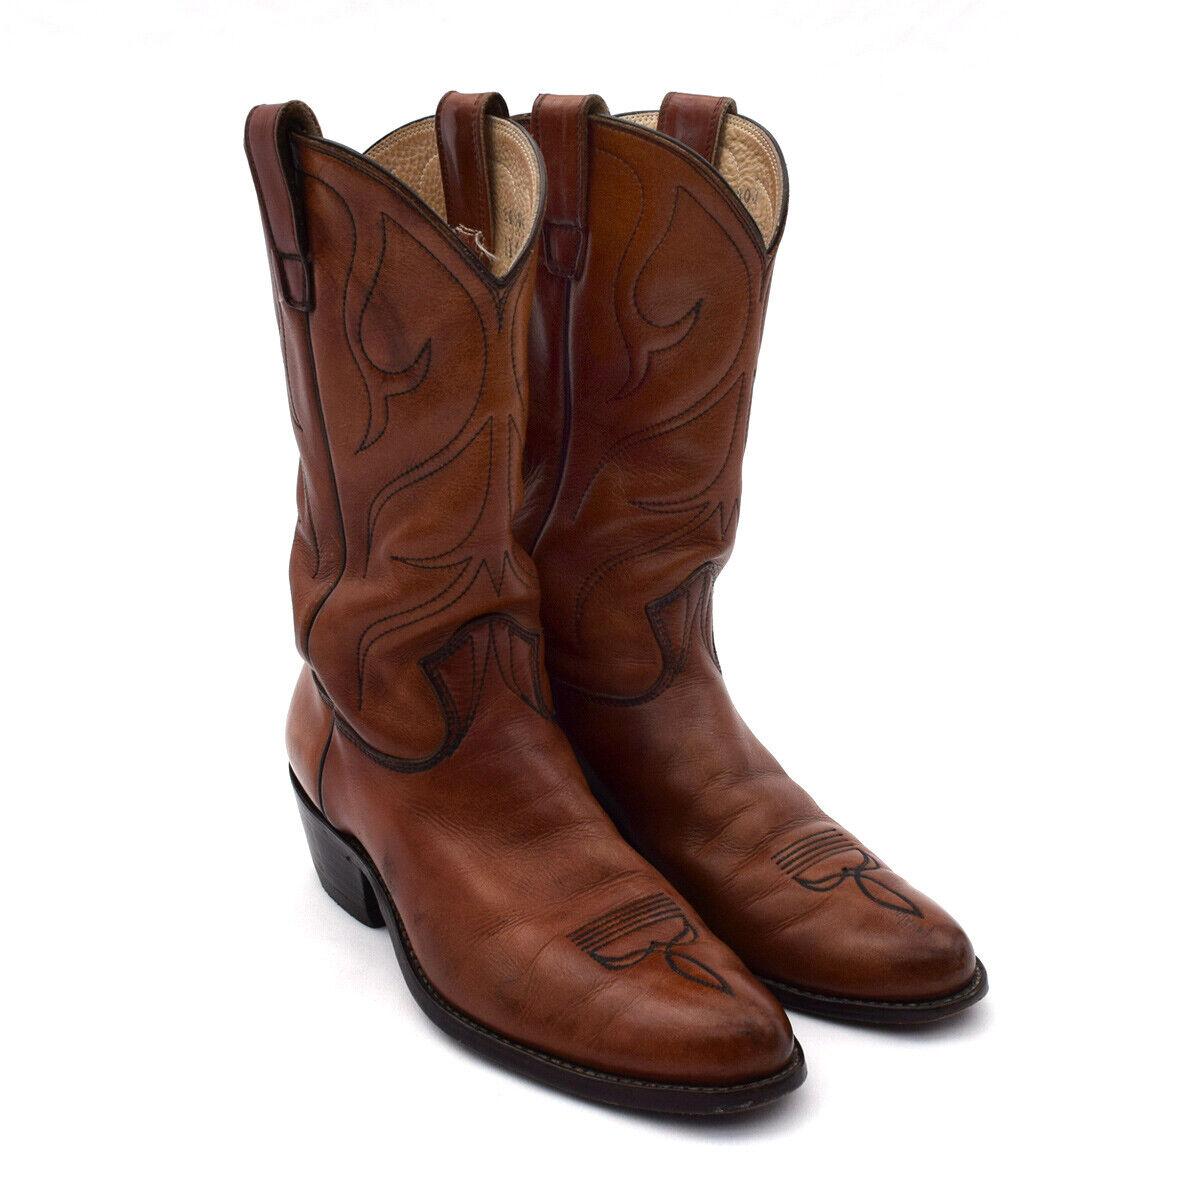 STEWART 1977 hecho a mano para hombre botas de vaquero occidental Marrón Medio 11C